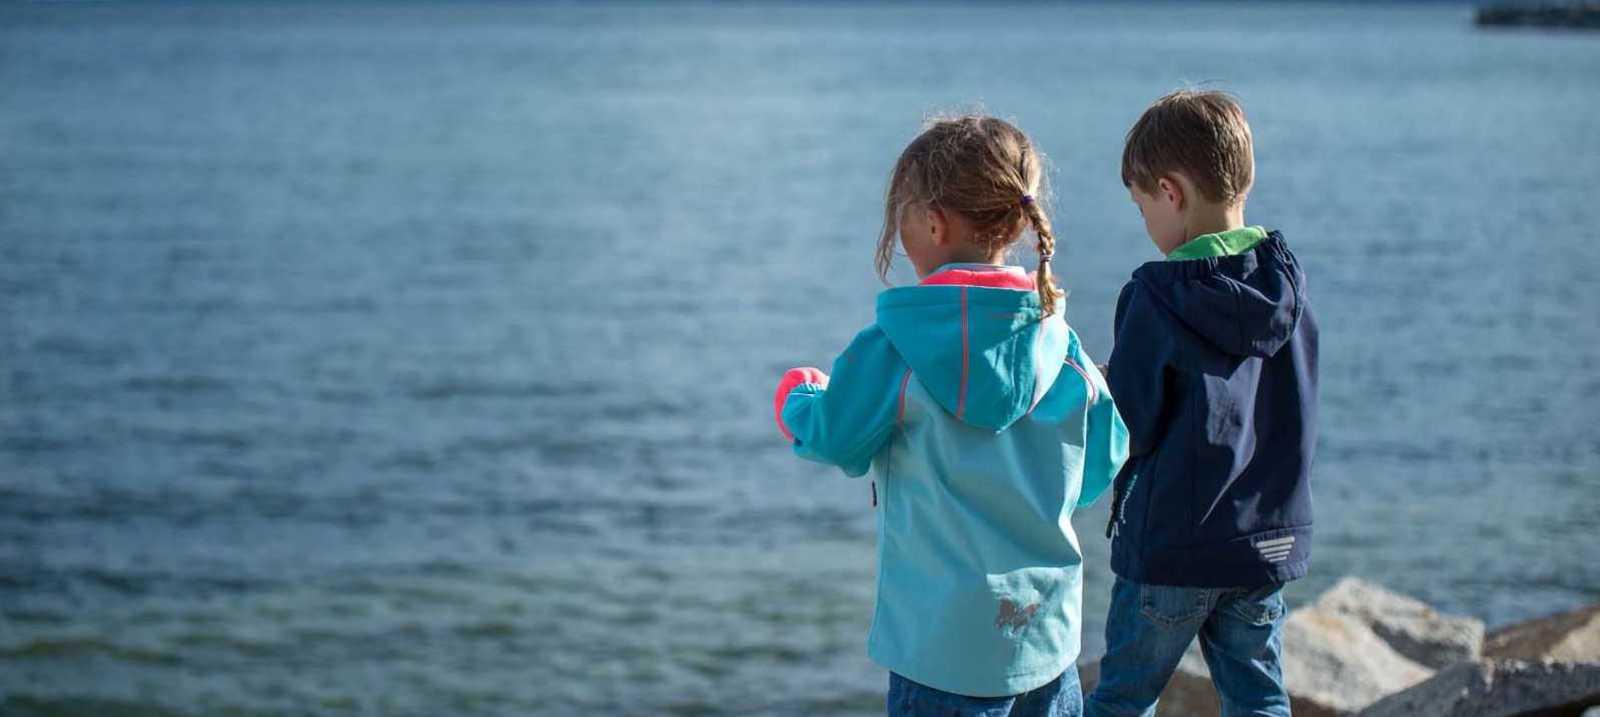 Kinder an der Küste